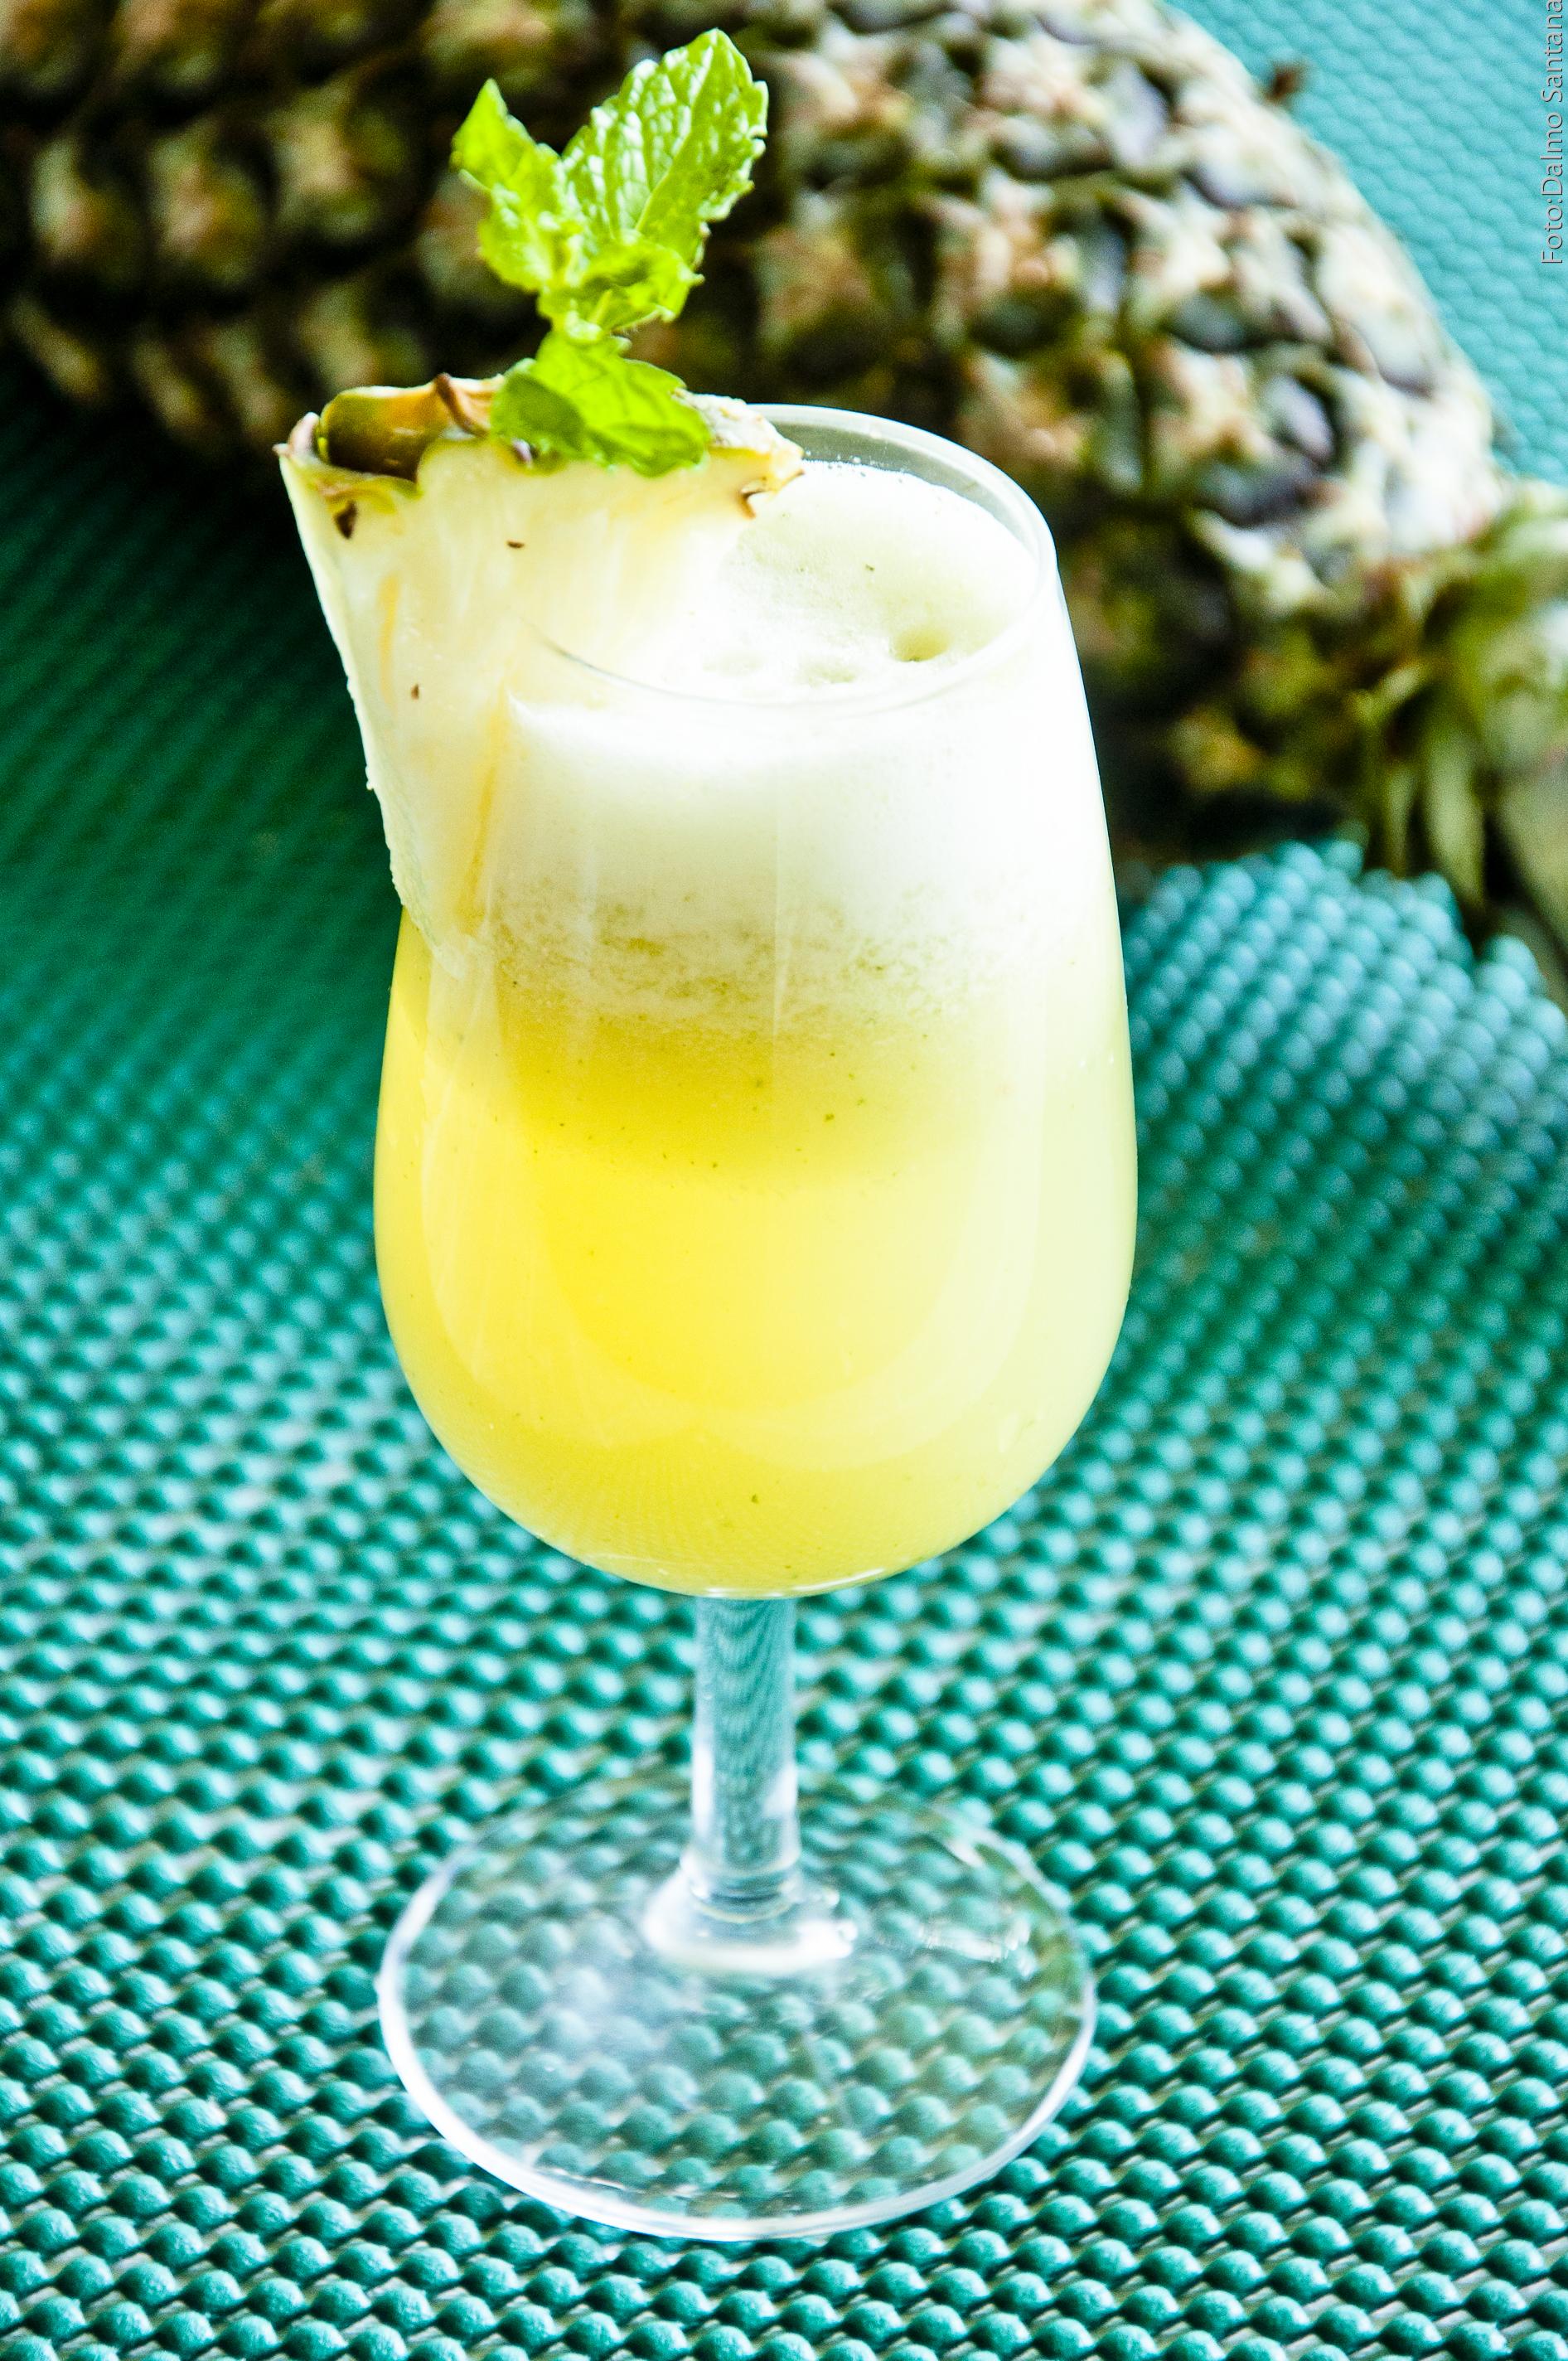 taça com suco de abacaxi e folhas de manjericão sobre uma toalha verde. Ao fundo, aparece um abacaxi inteiro